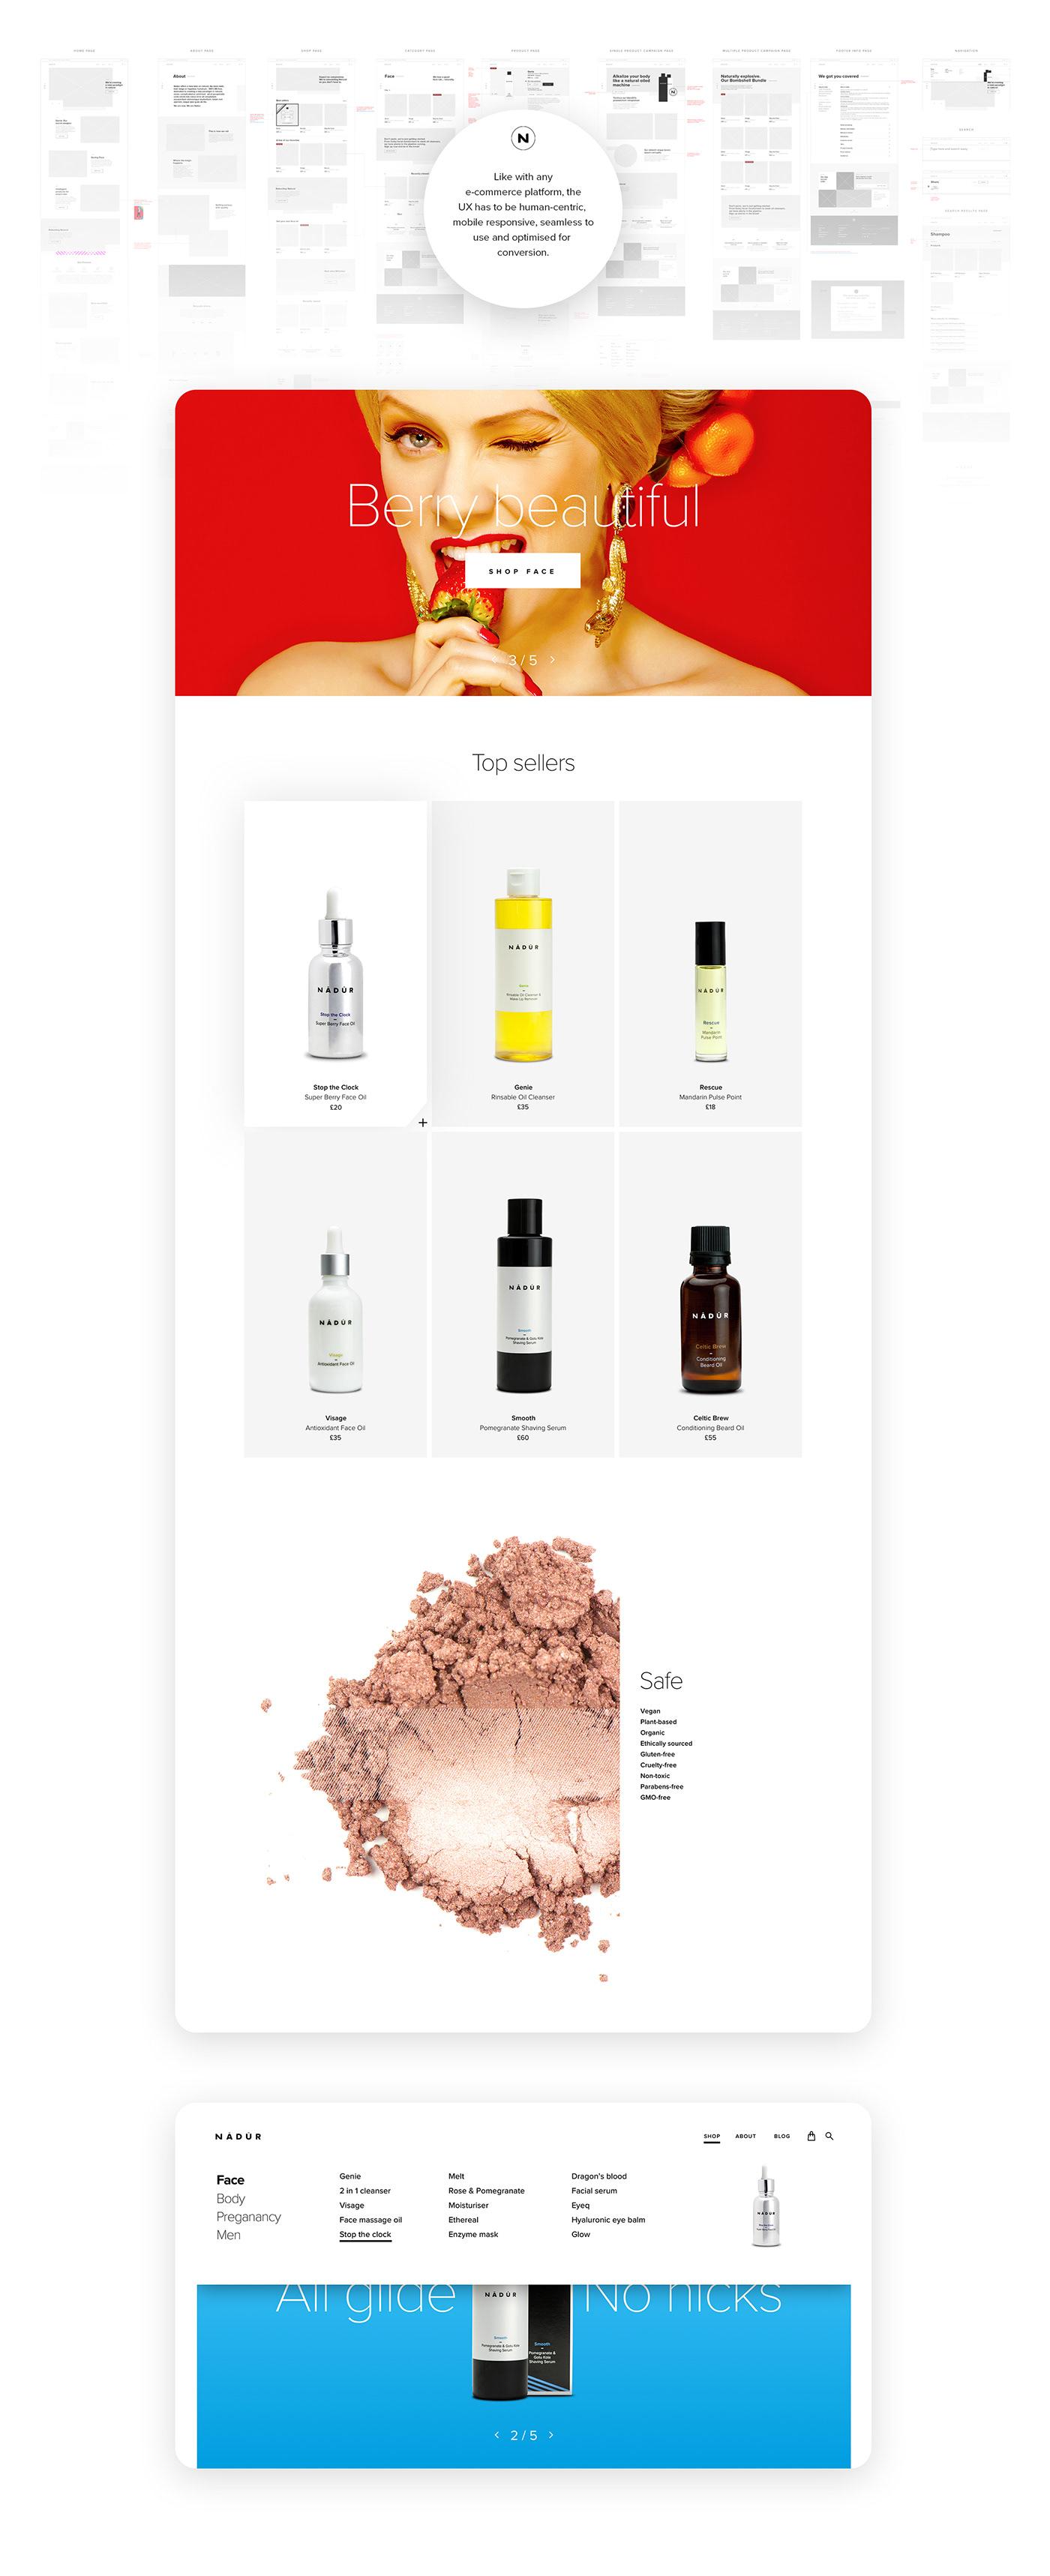 branding  Ecommerce luxury Responsive skincare ui design UX design visual design Web Design